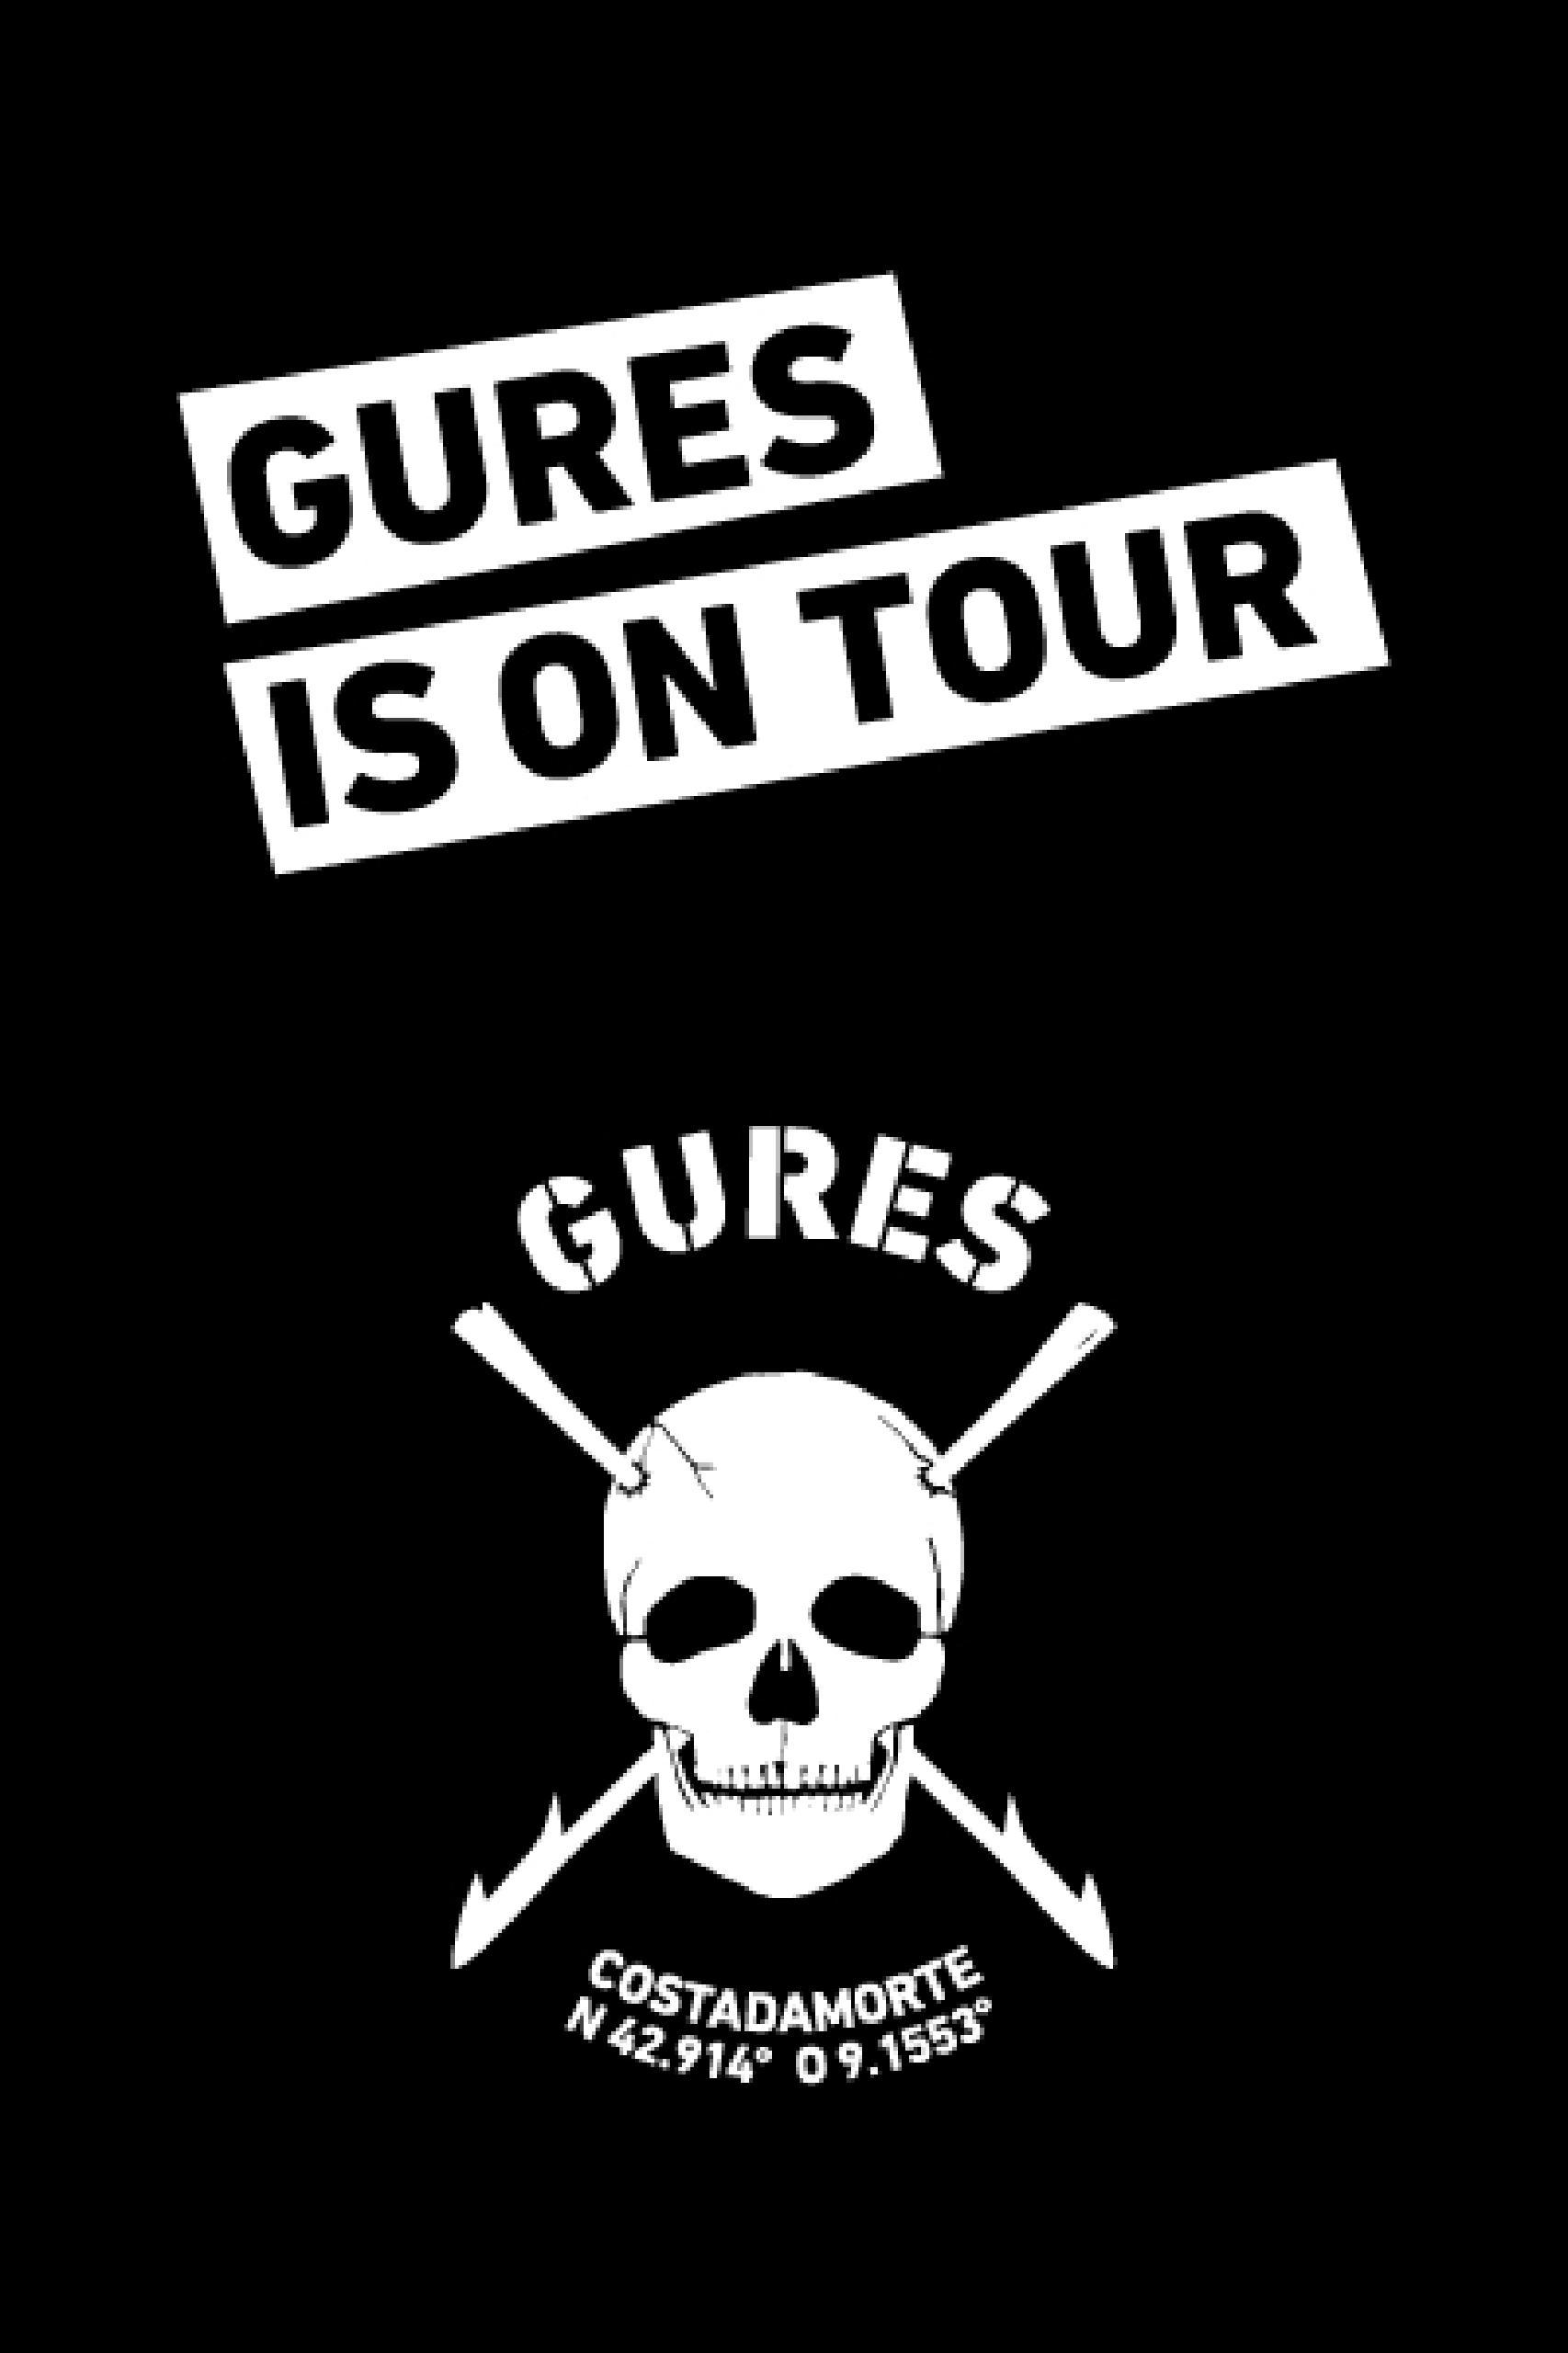 Gures